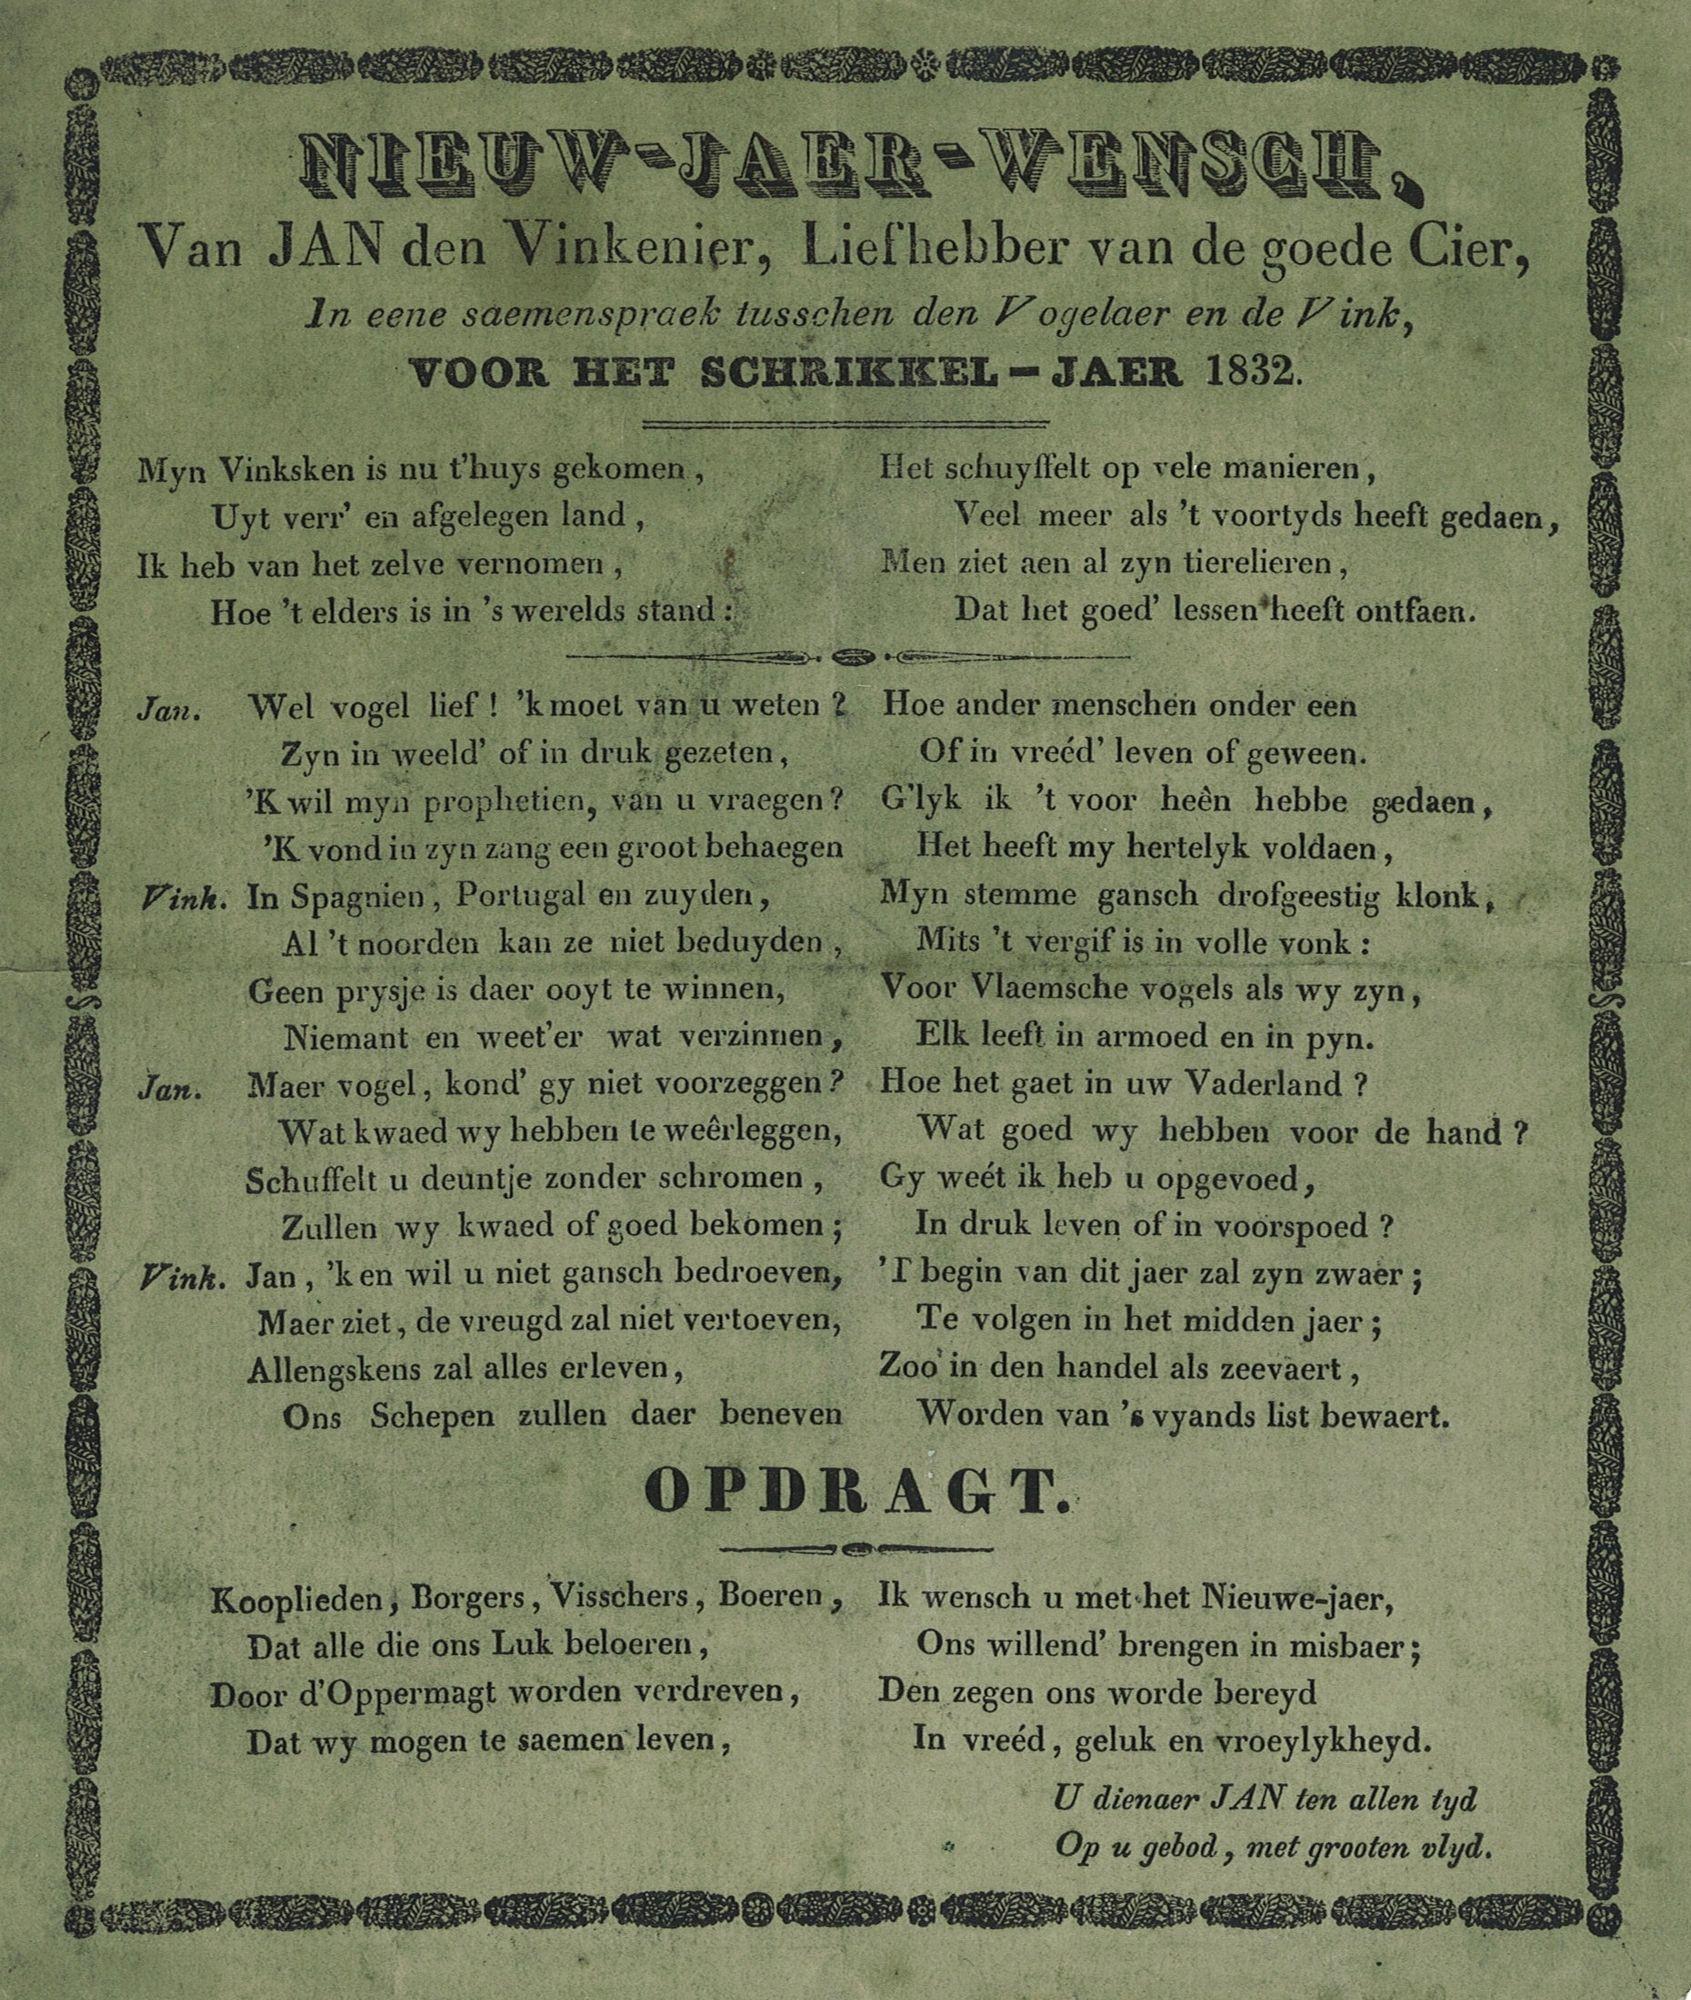 Nieuwjaarswensen 1832